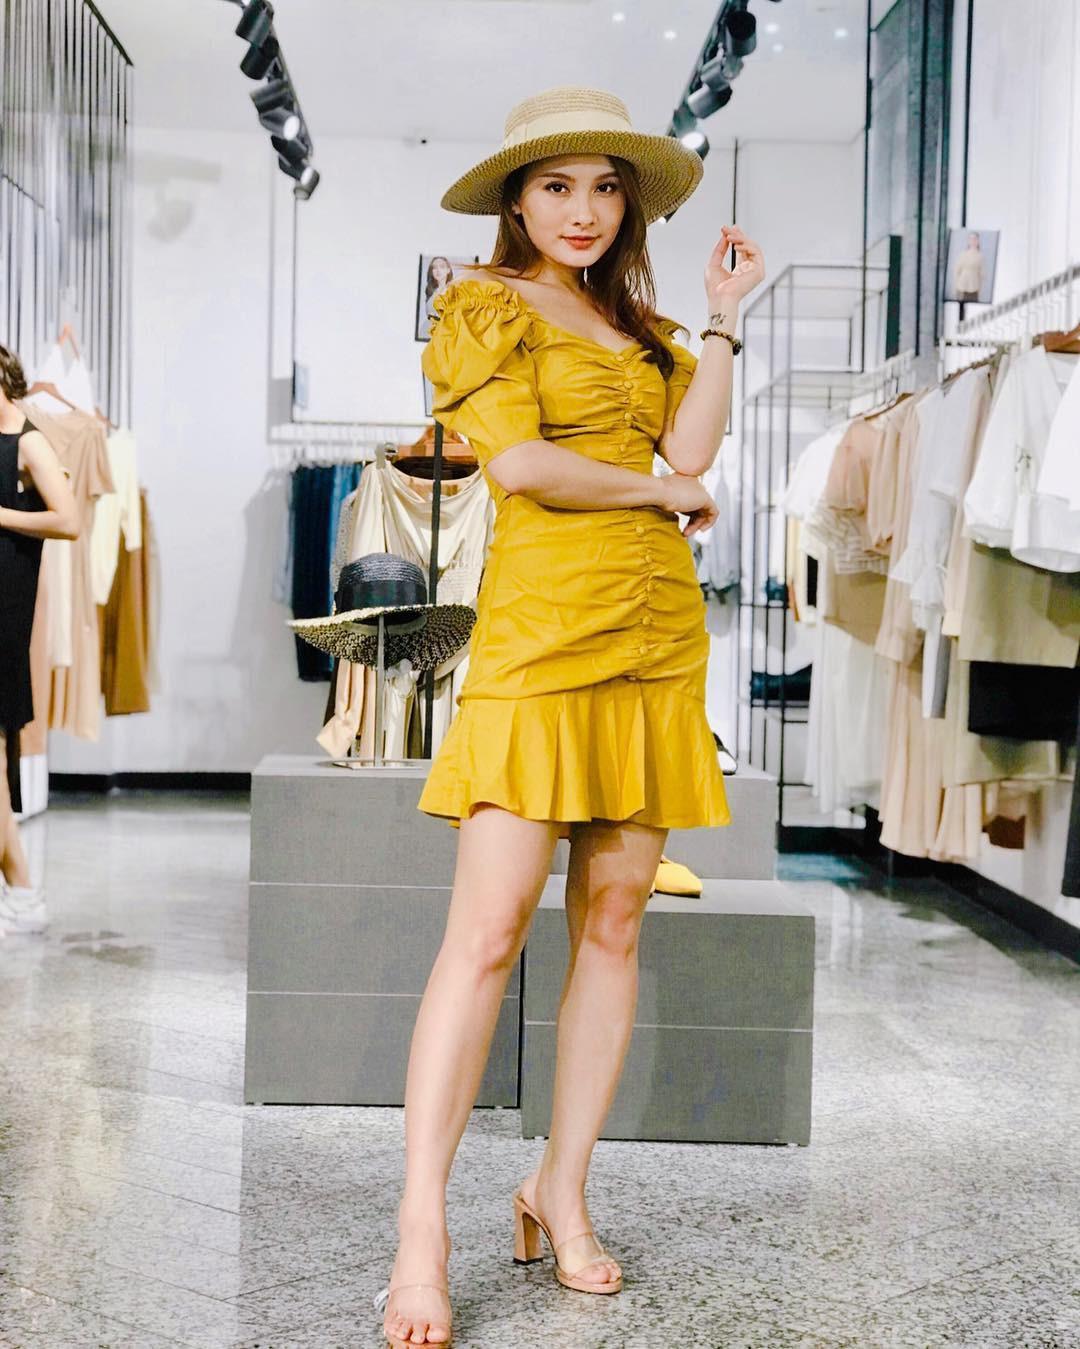 """Ngỡ chẳng liên quan, Bảo Thanh và Song Hye Kyo lại cùng mê kiểu váy được coi là bảo bối hack dáng cho quý cô """"nấm lùn"""" - Ảnh 5"""